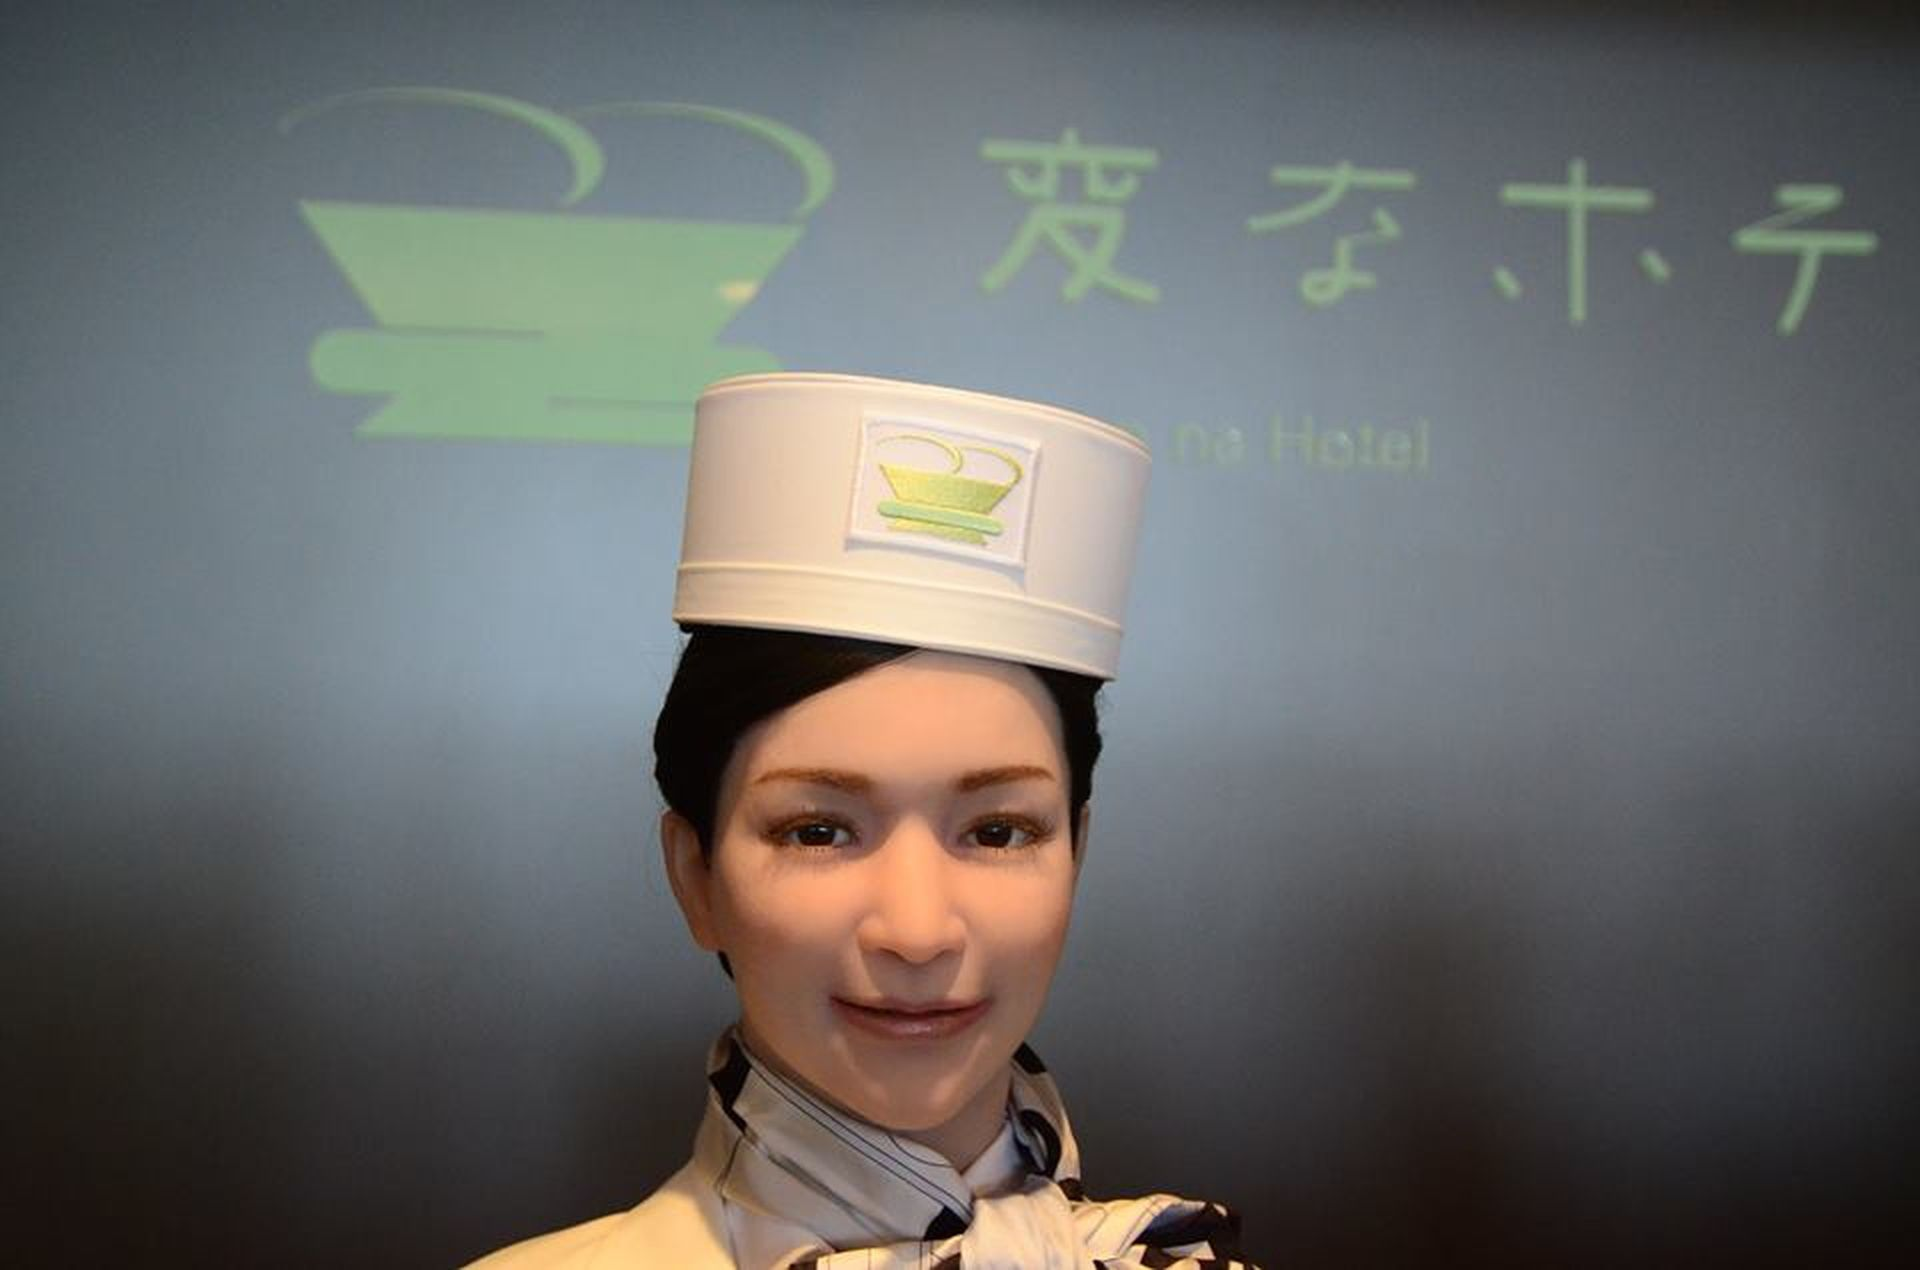 Yumeko, la androide recepcionista, imita todos los movimientos humanos.